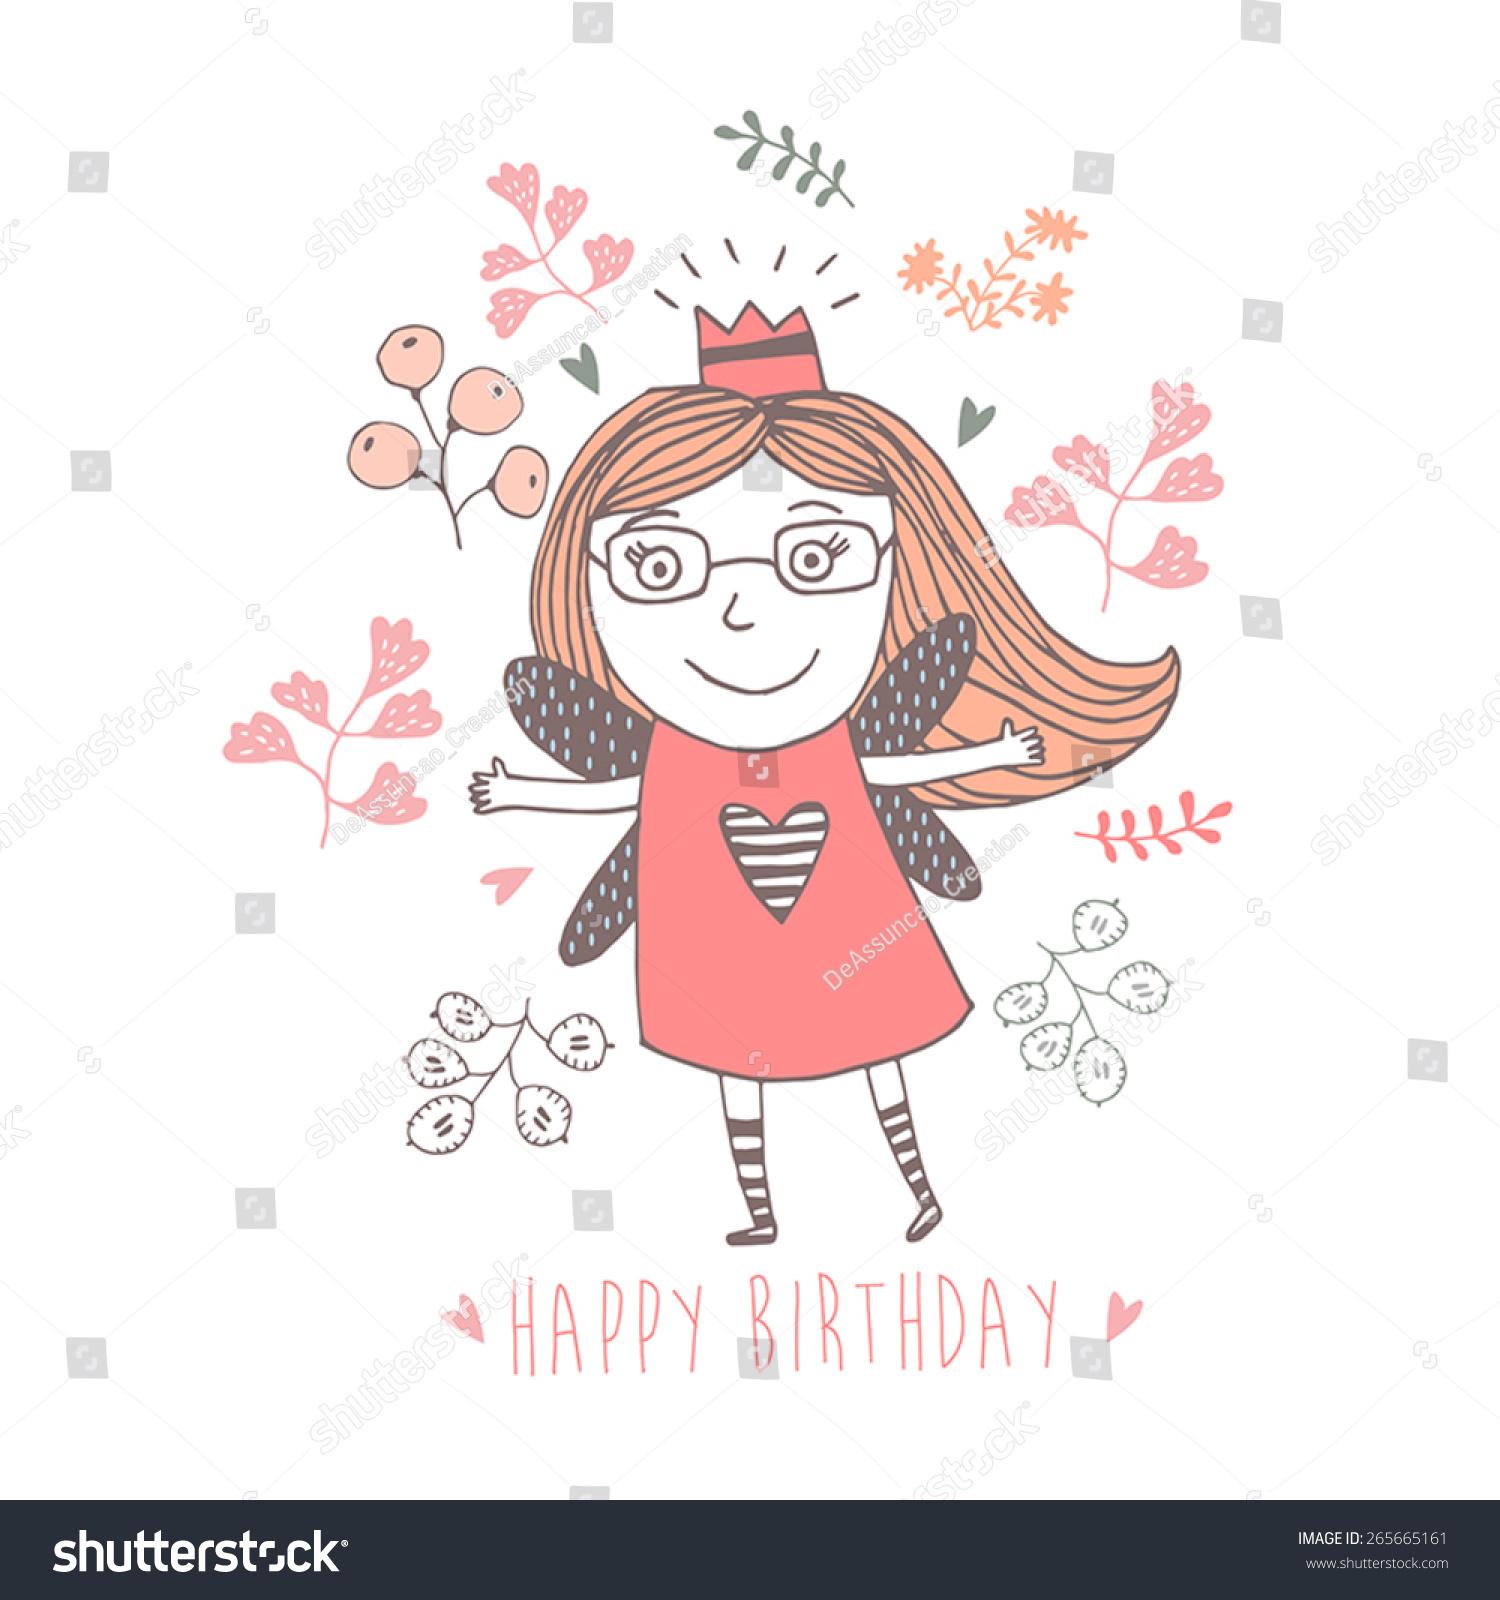 卡和可爱的女孩生日快乐-背景/素材,美容/时装服饰-()